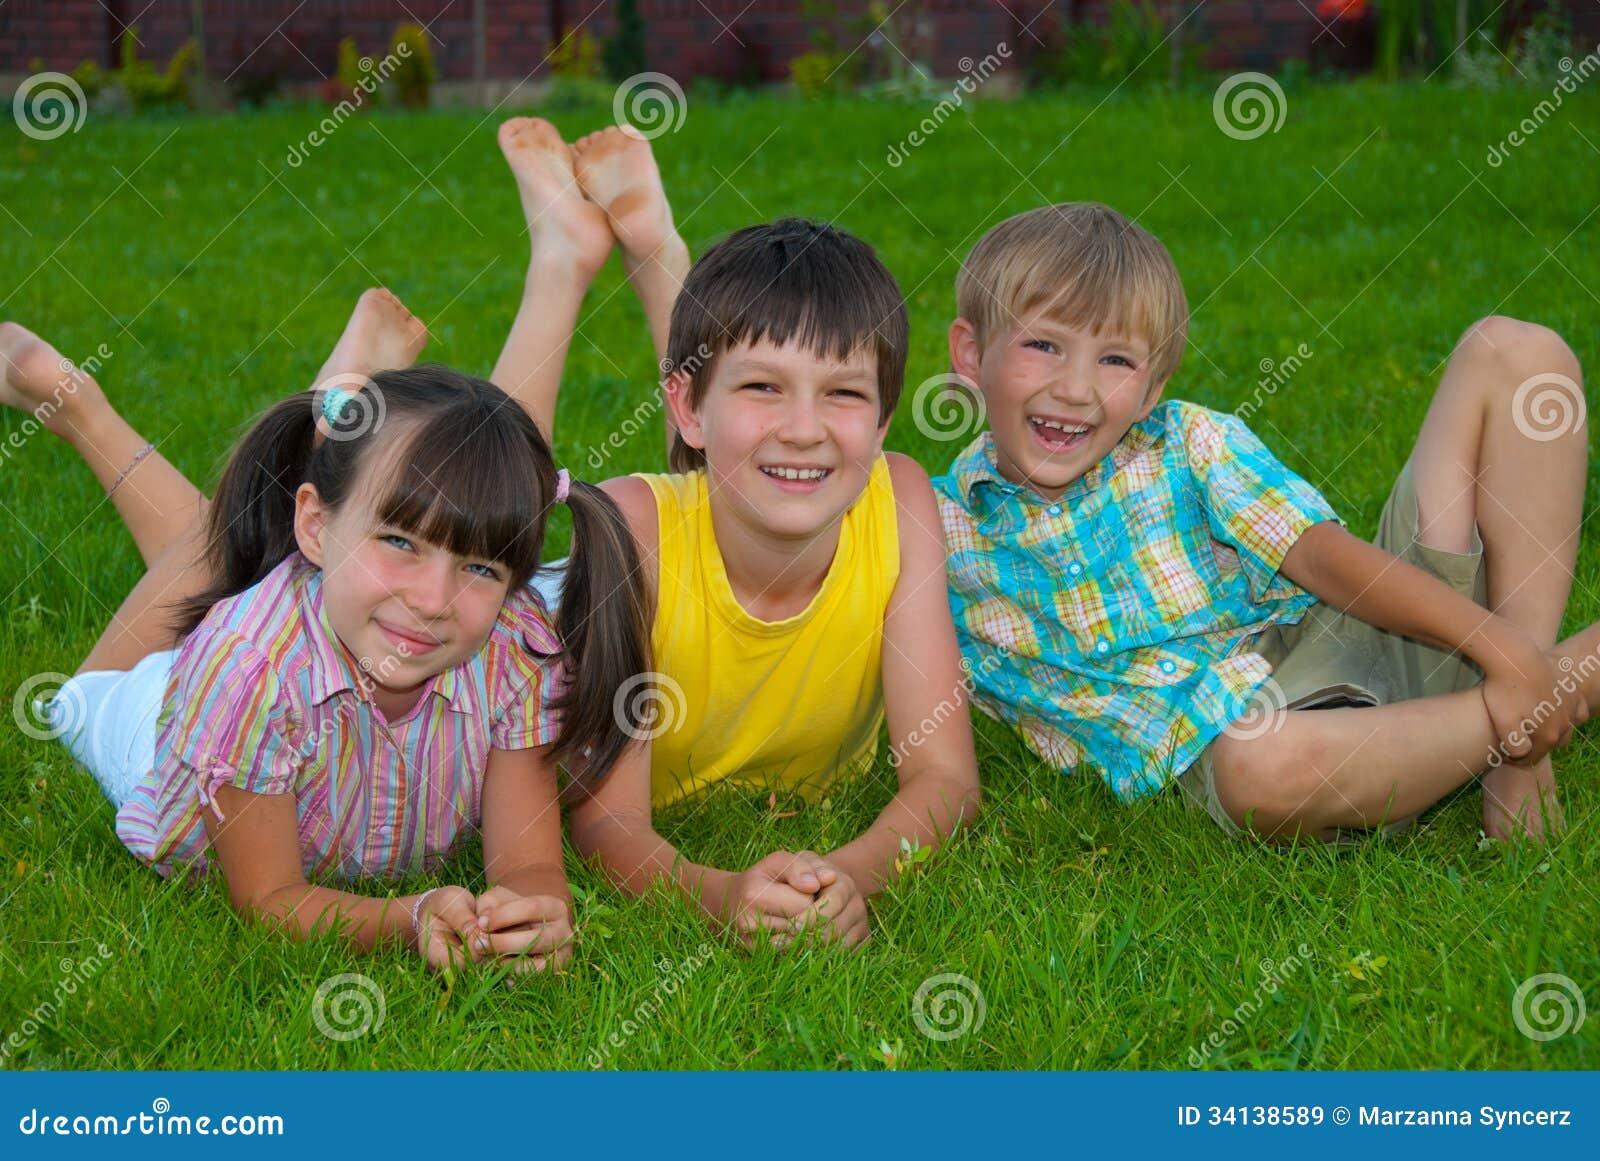 Trois enfants sur l herbe